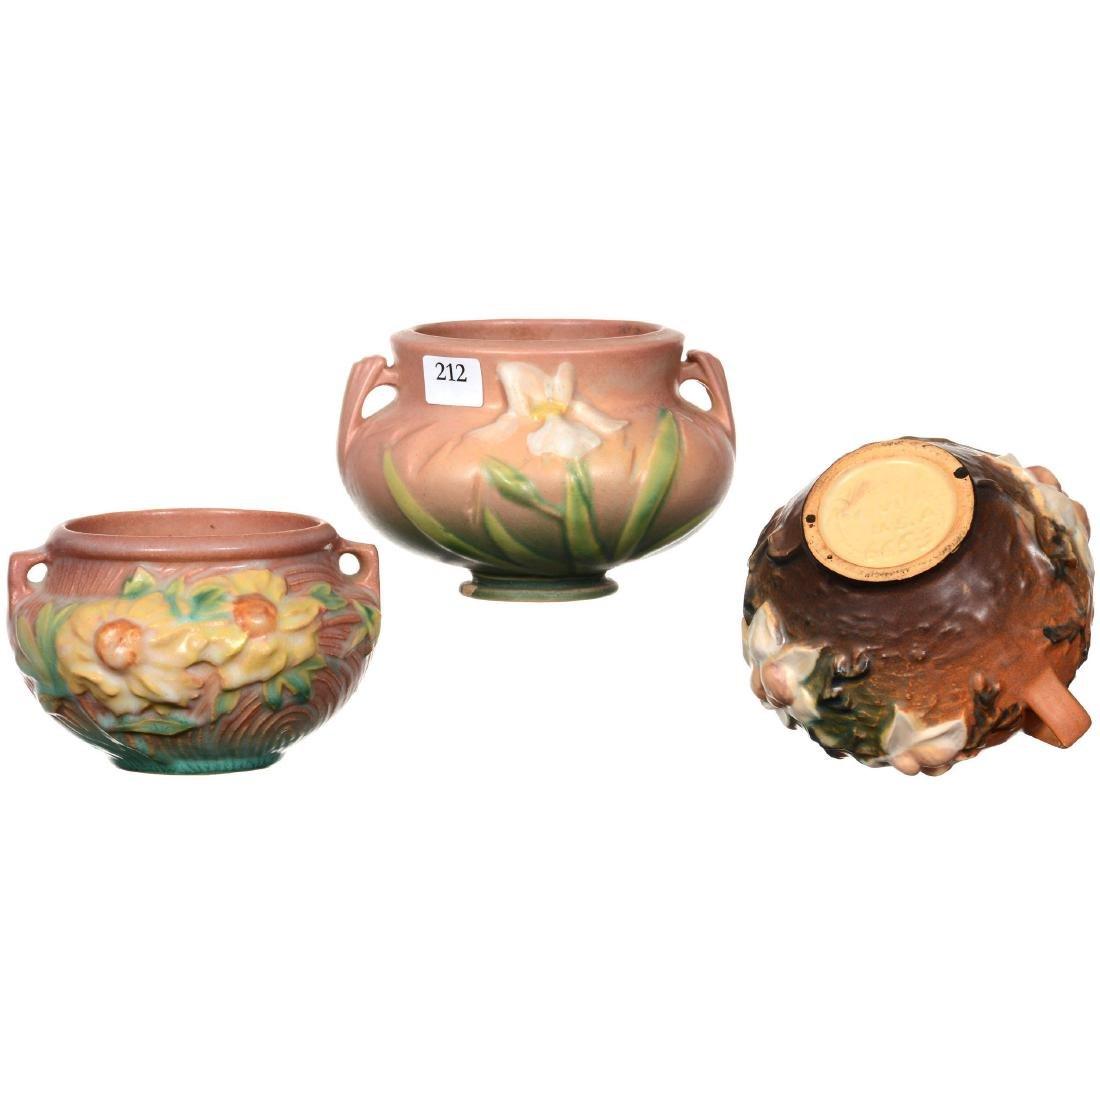 (3) Roseville Art Pottery Bowls - 2